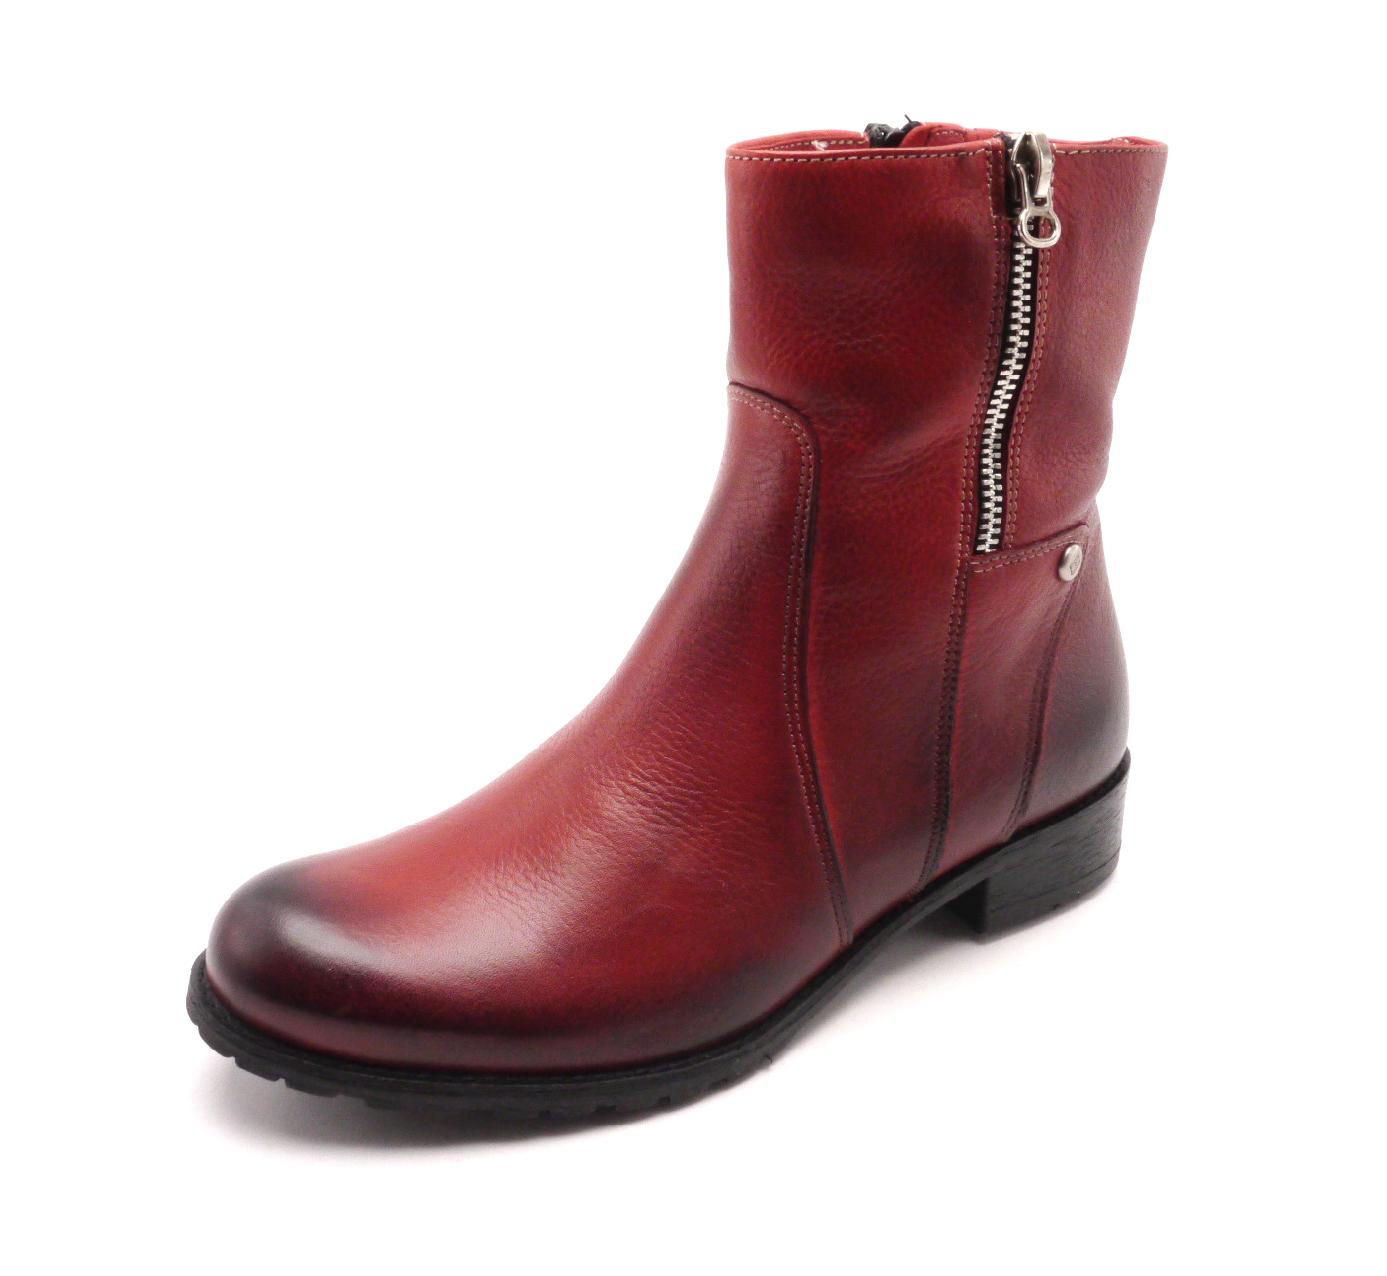 Hilby Dámské kotníkové boty červené A280-102-l Velikost: 36